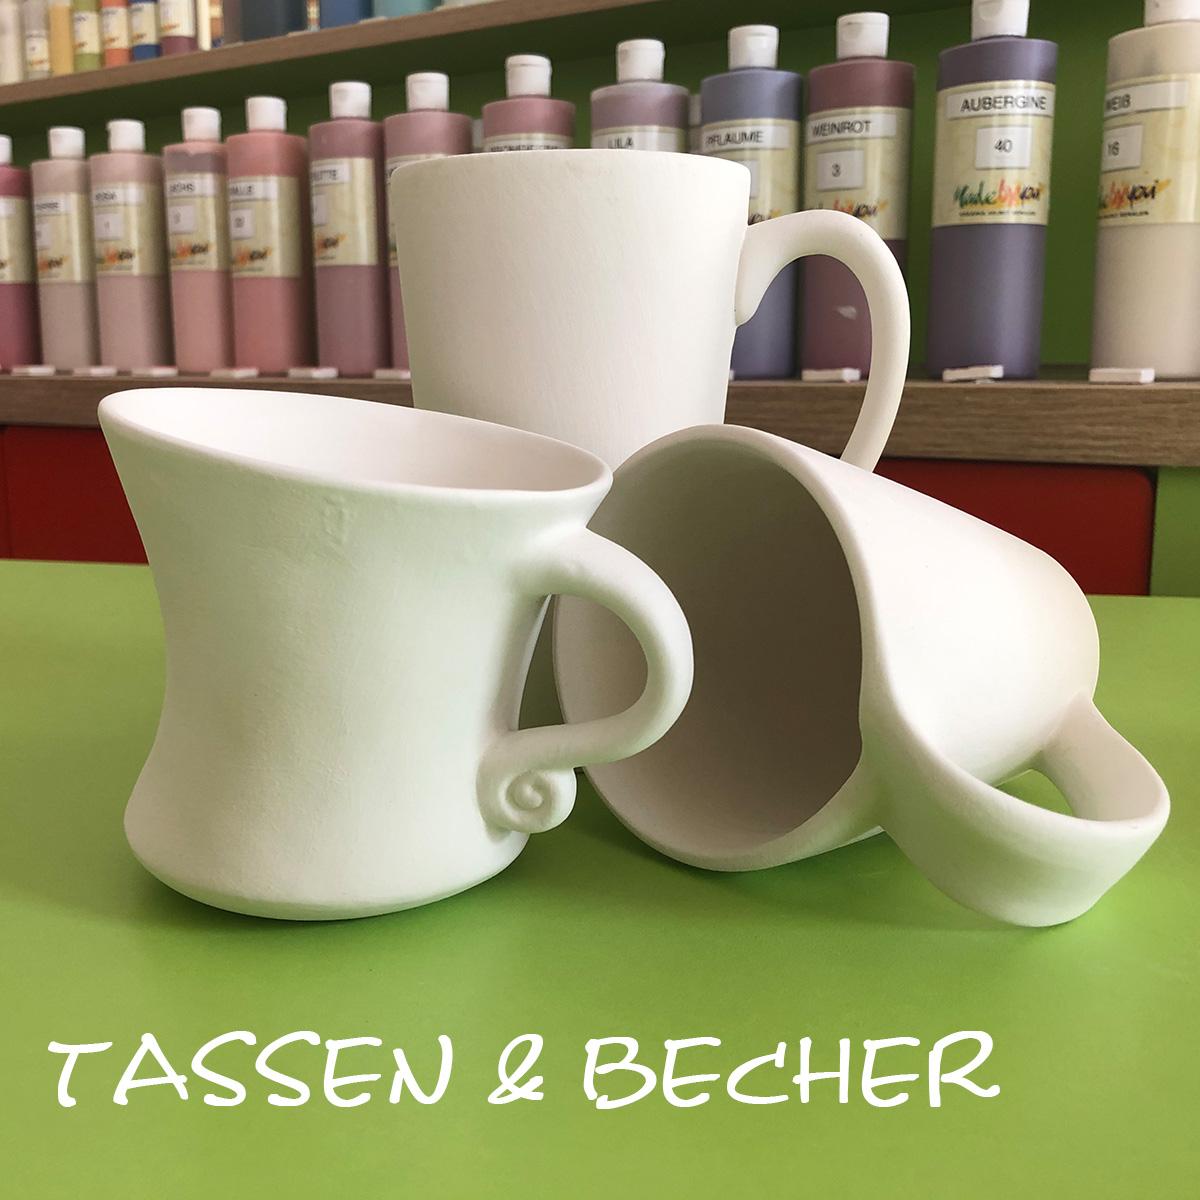 Keramik zum bemalen Tassen und Becher